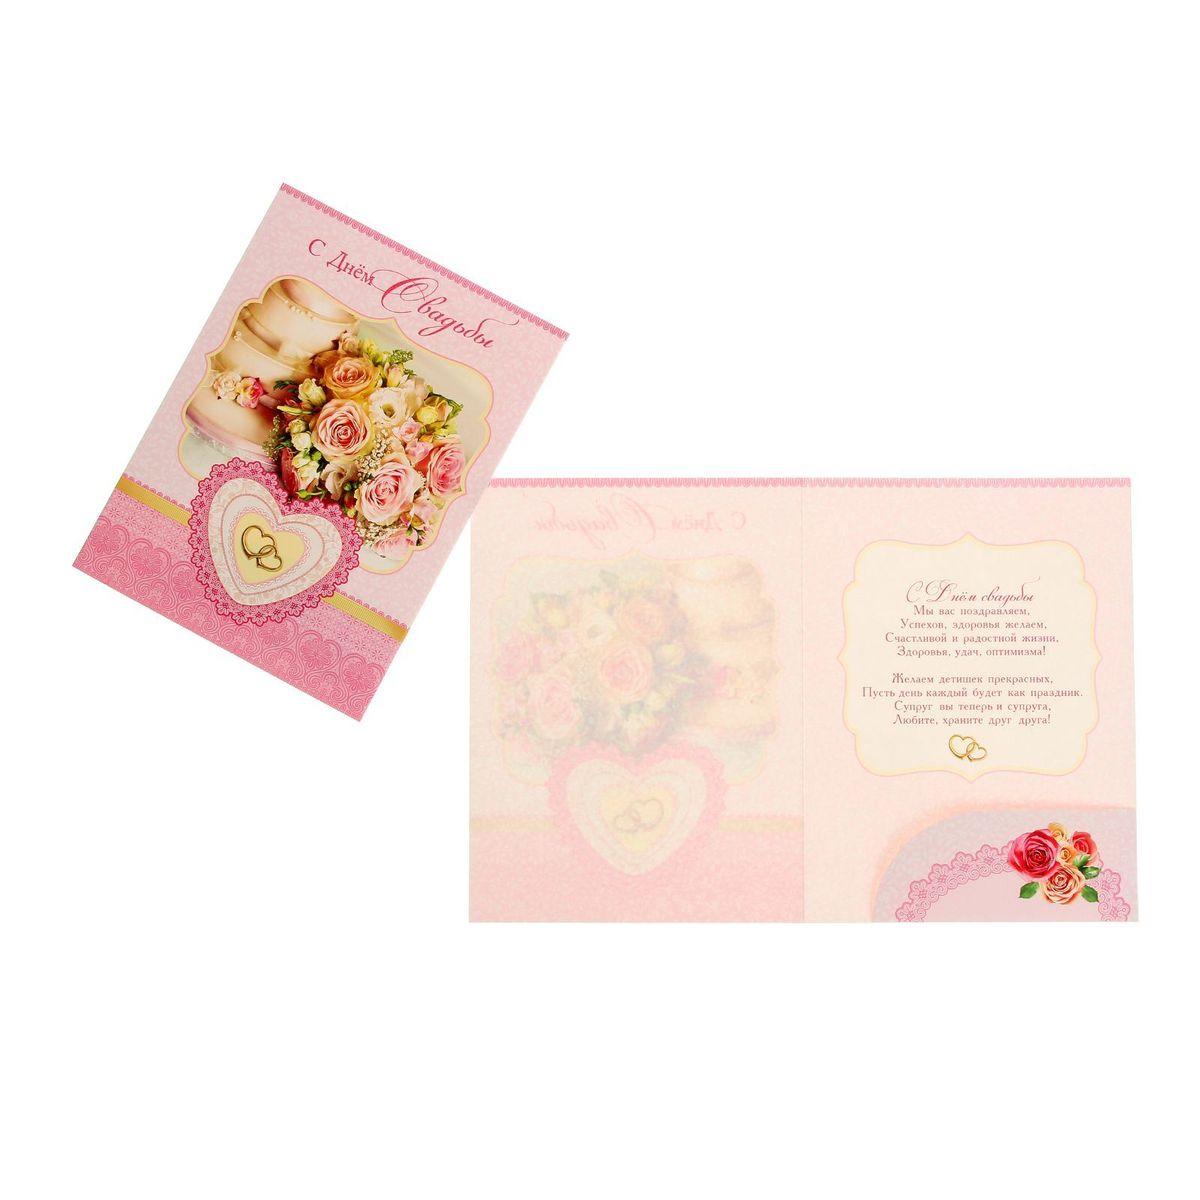 Открытка Миленд С днем свадьбы. Букет и розовое сердце1376625Если вы хотите порадовать себя или близких, создатьпраздничное настроение и с улыбкой провести памятный день,то вы, несомненно, сделали правильный выбор! ОткрыткаМиленд С днем свадьбы. Букет и розовое сердце, выполненная изплотной бумаги, отличается не только оригинальнымдизайном, но и высоким качеством. Лицевая сторона изделия оформлена ярким изображением. Внутри открыткасодержит текст споздравлением. Такая открытка непременно порадует получателя и станетотличным напоминанием о проведенном вместе времени.